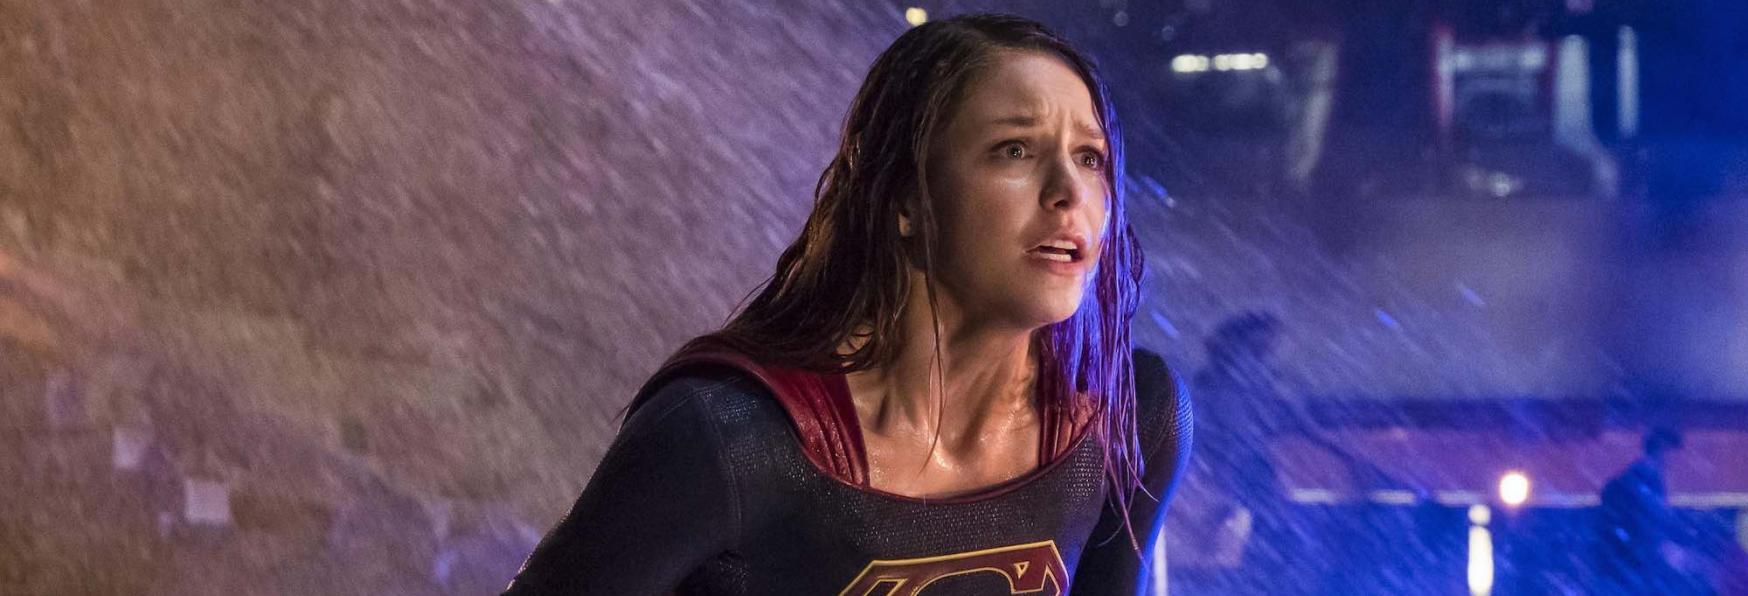 Supergirl 5: La scena Eliminata mostra Lena ammettere che Lex aveva ragione su Kara